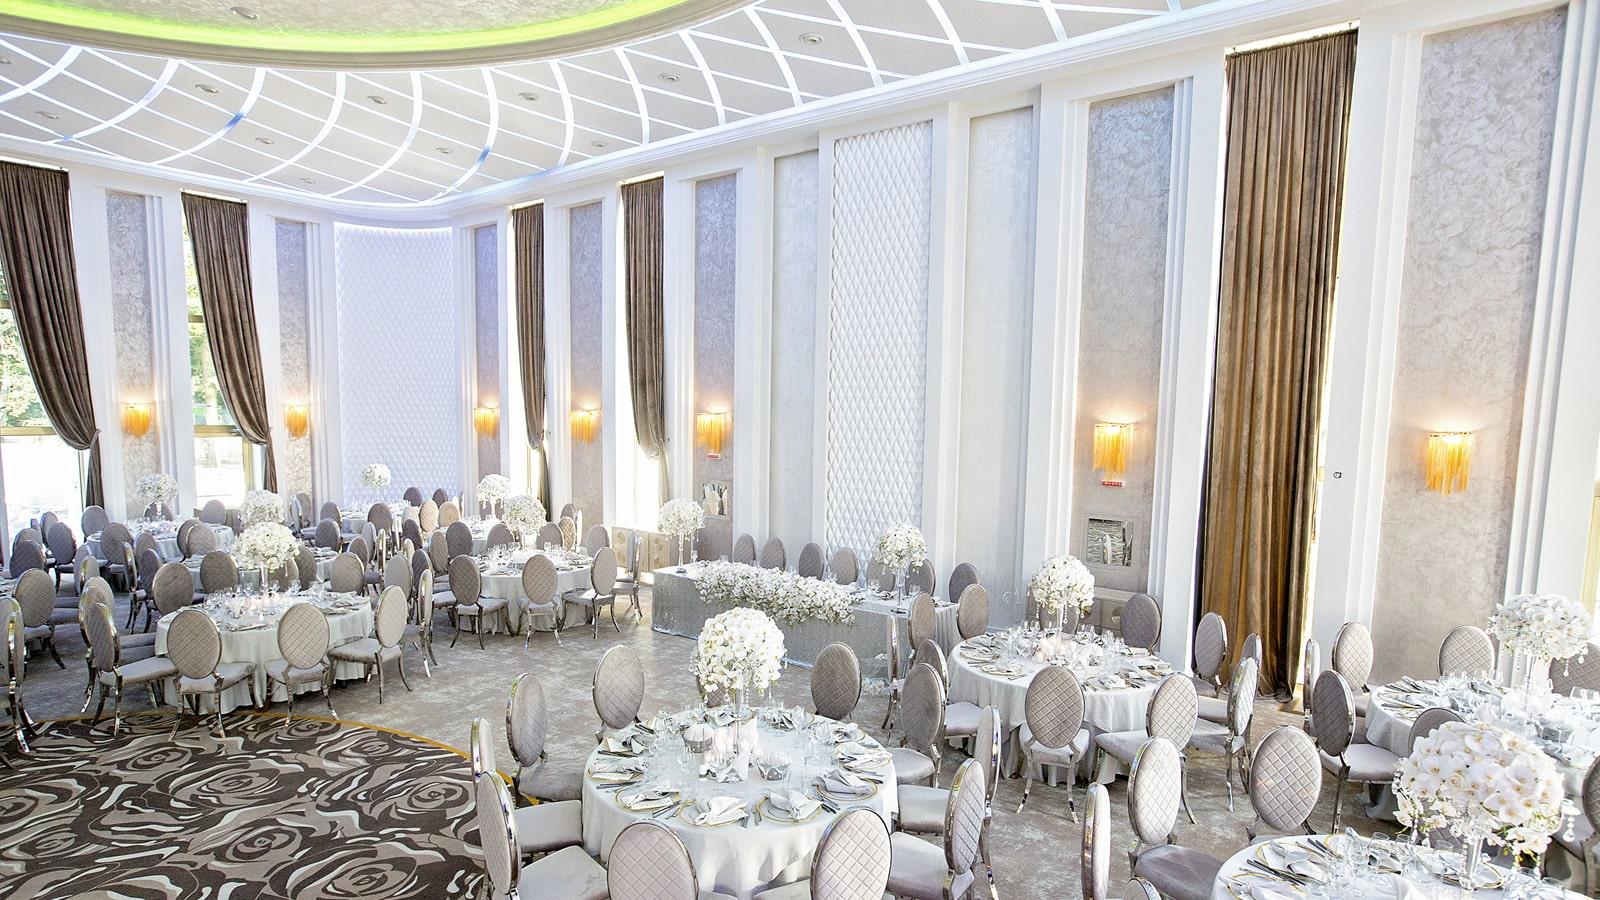 Galla Events Sală De Nunți și Evenimente în Timișoara